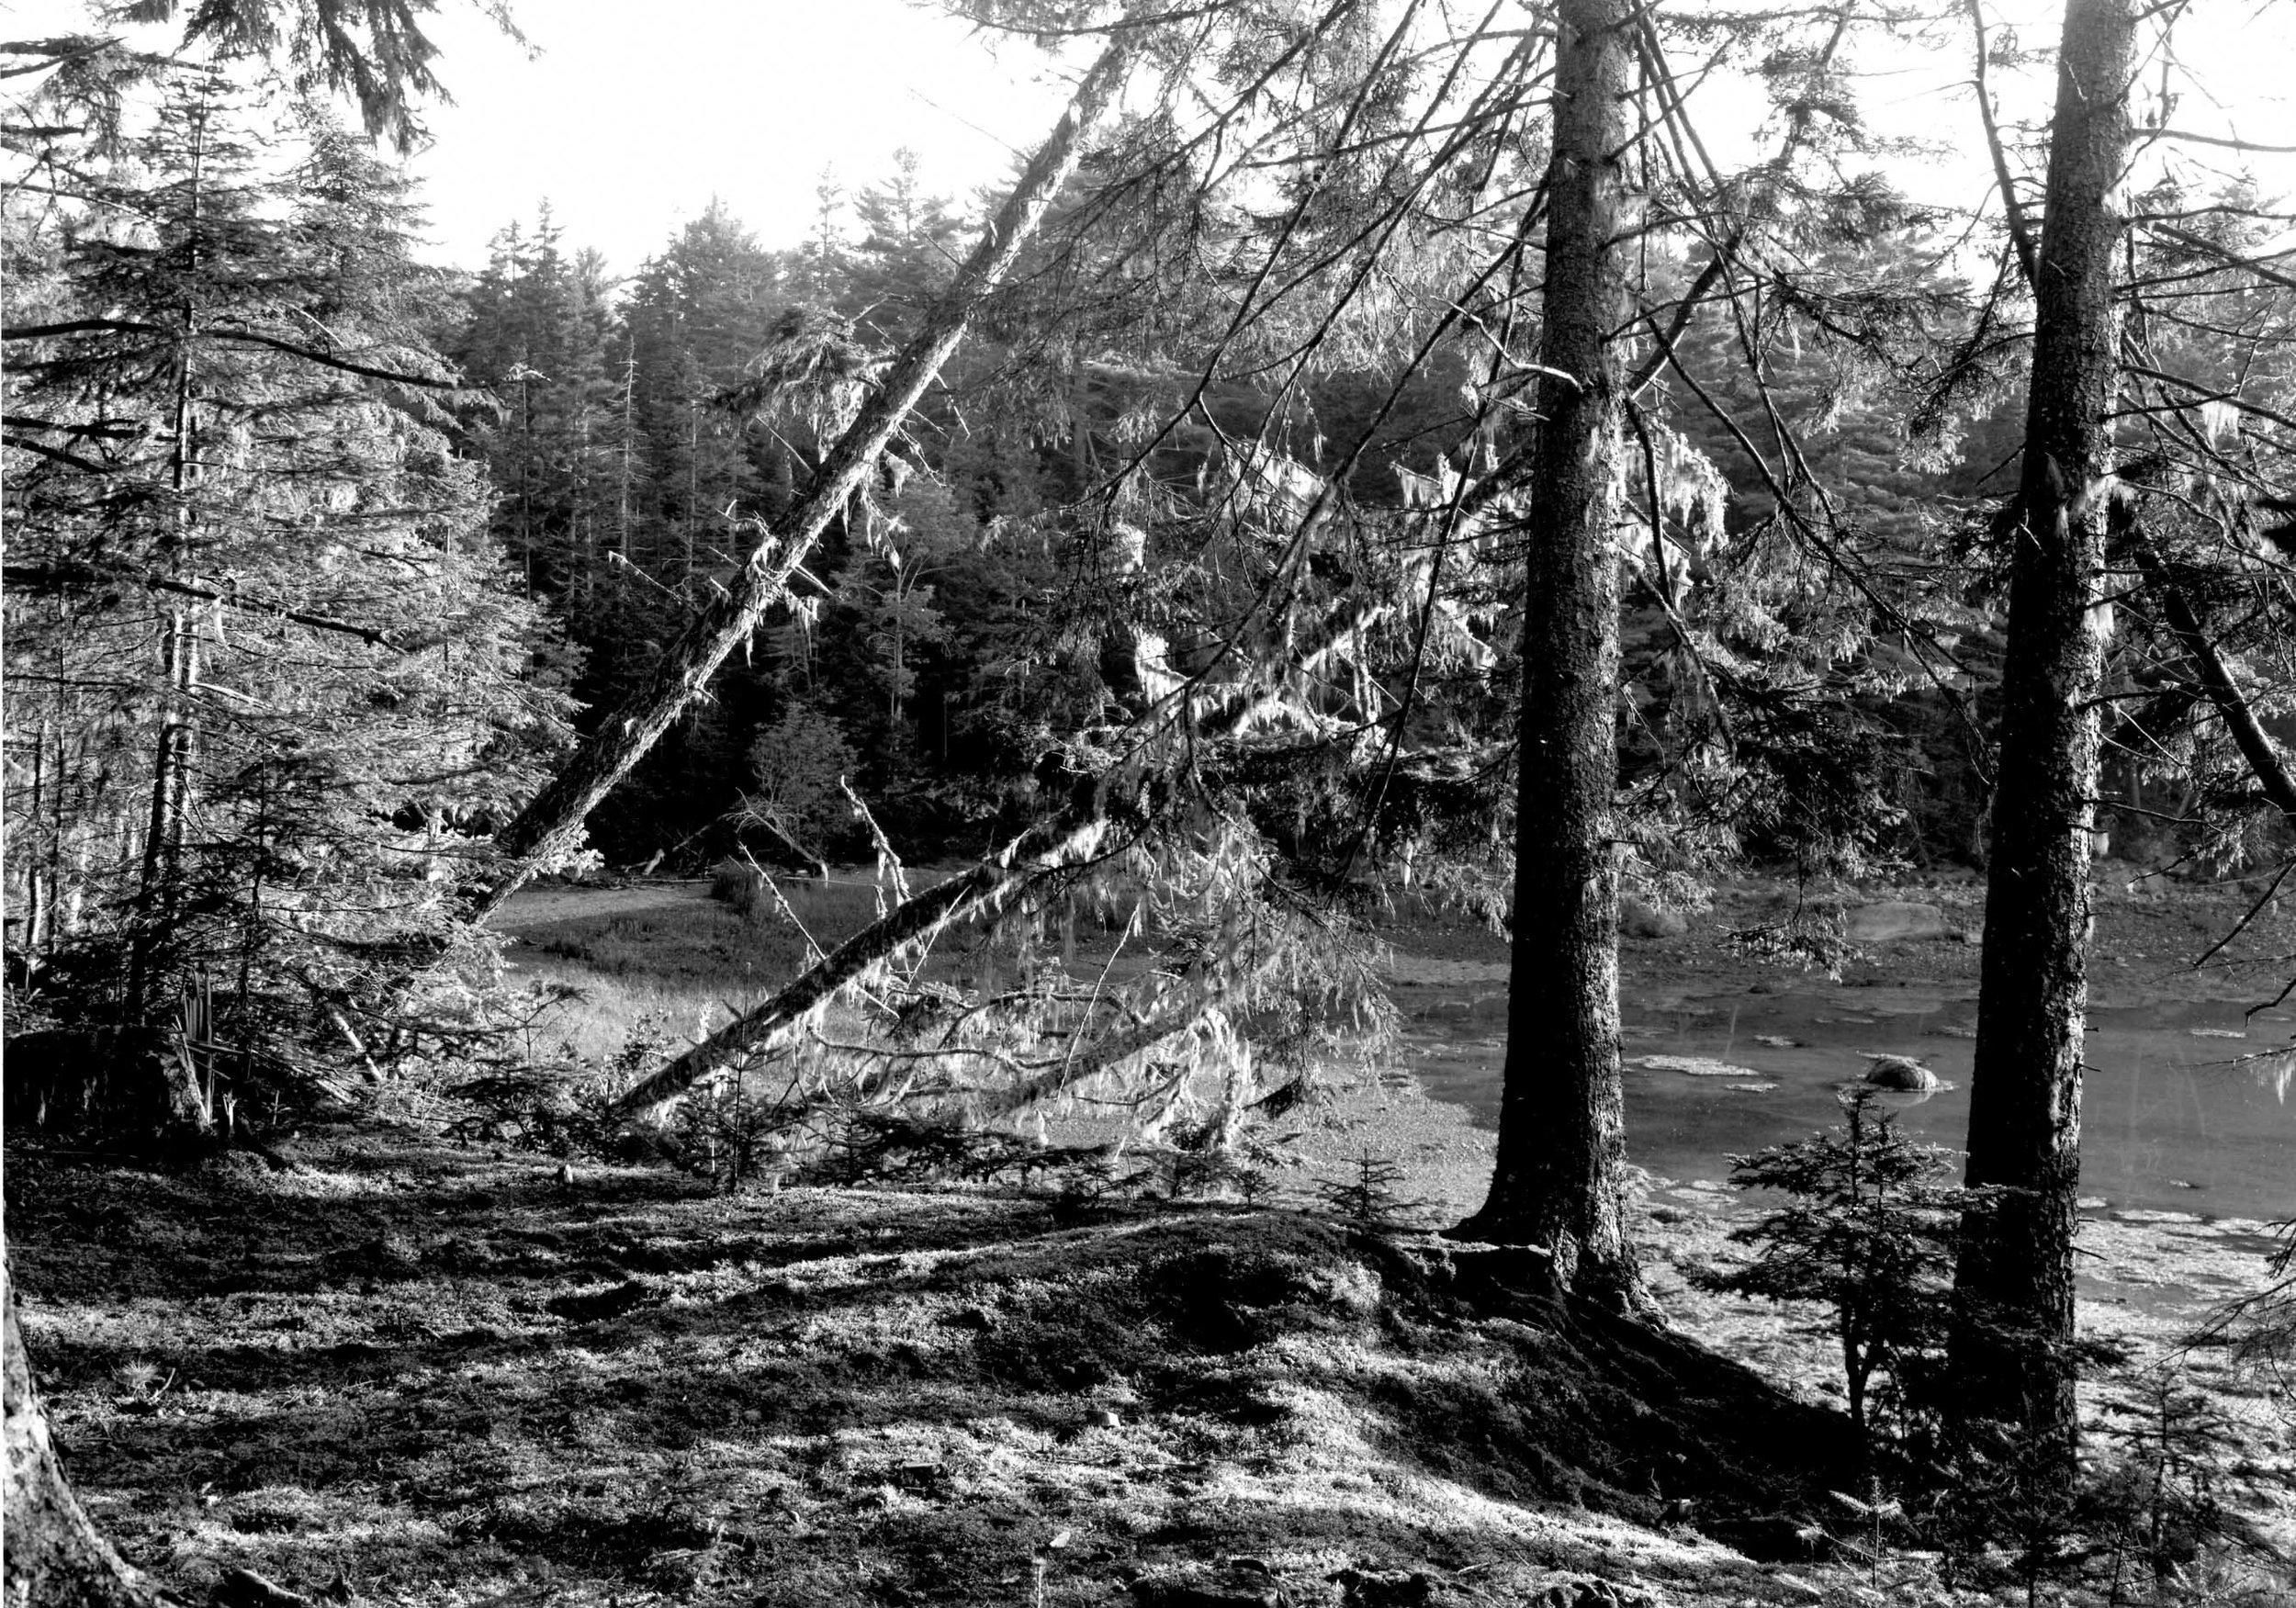 Doans Pt. Woods, Sorrento